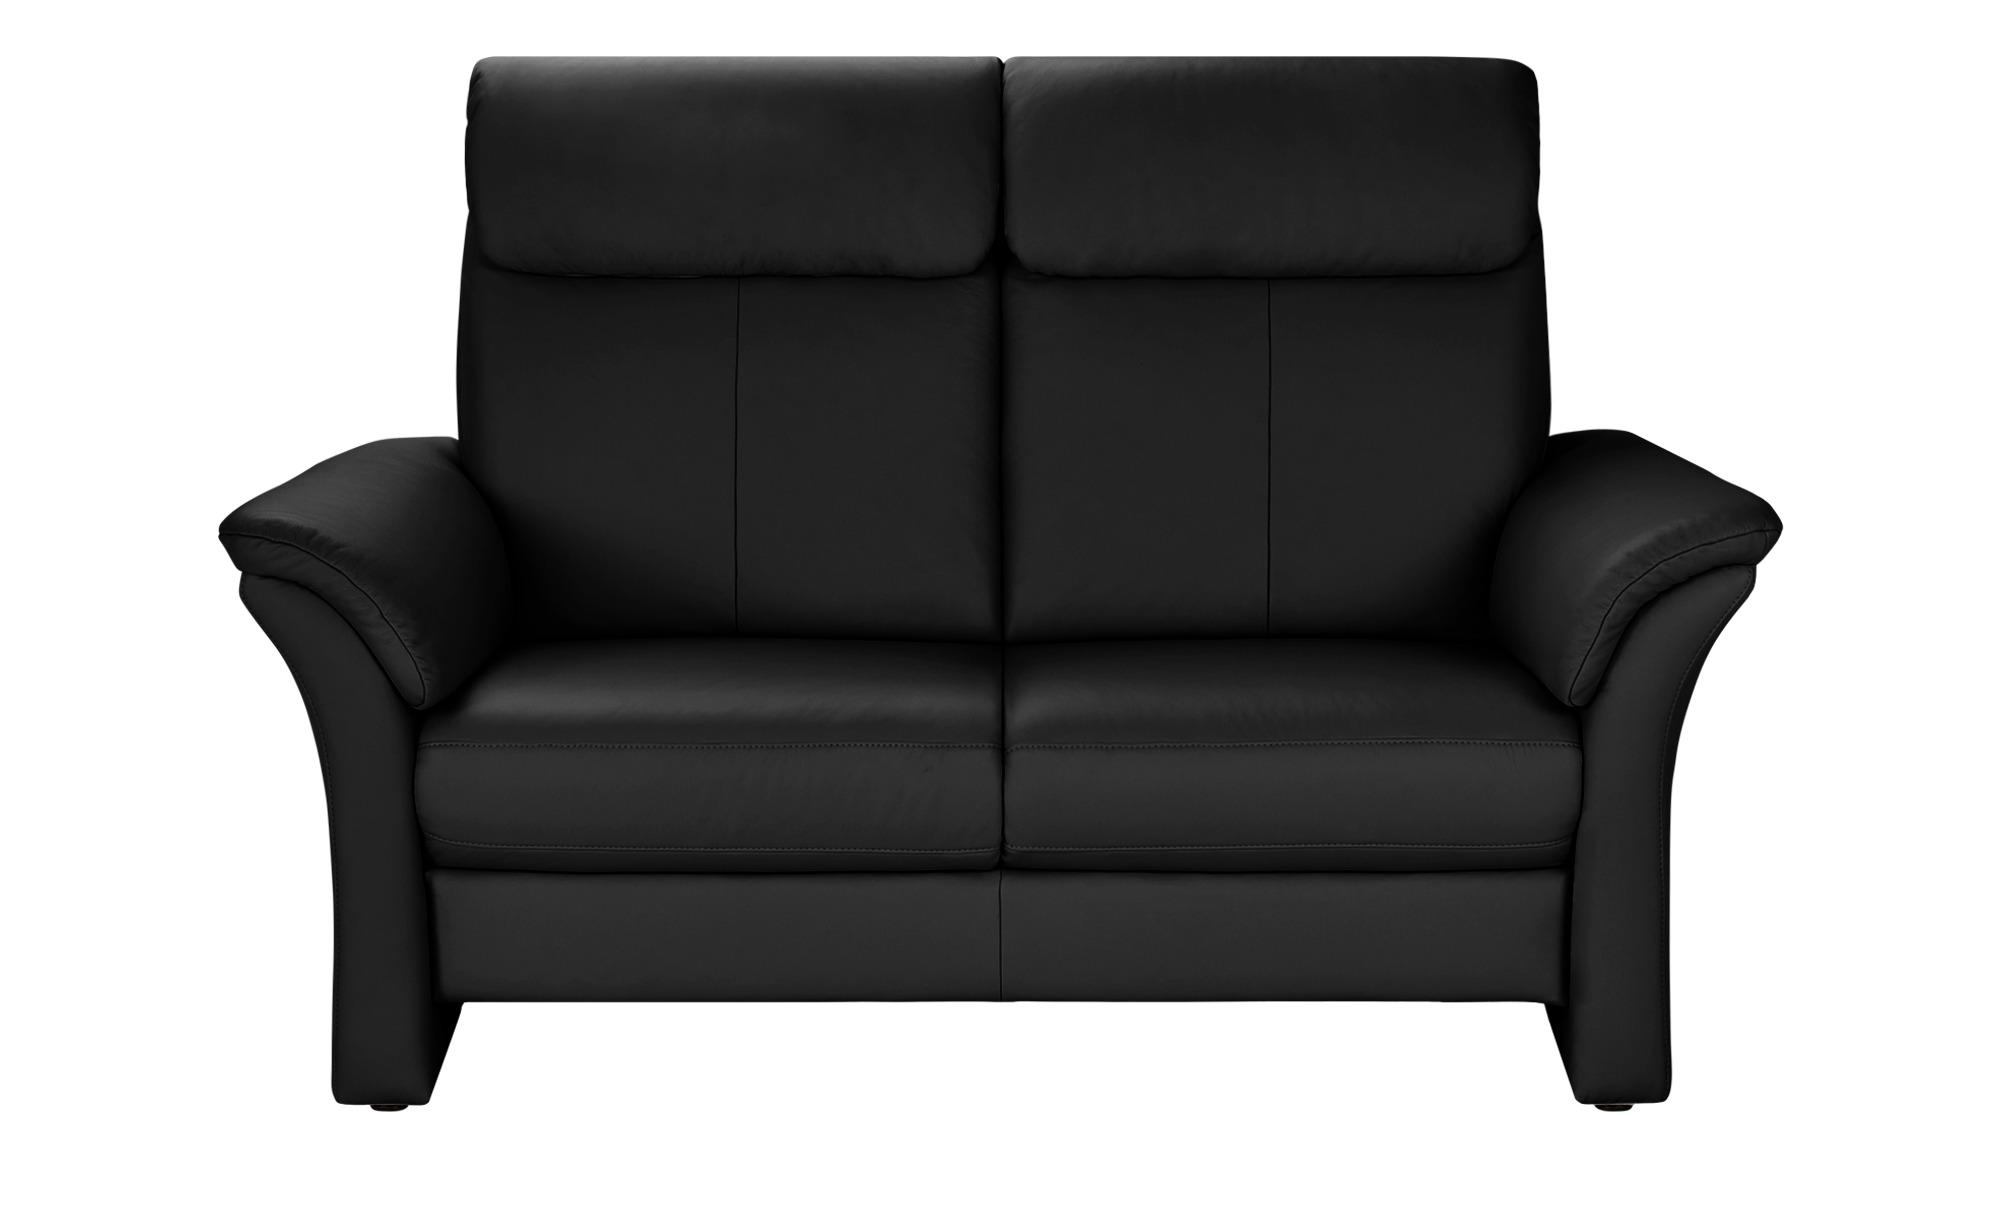 Wohnwert Sofa 2-Sitzer  Lena ¦ schwarz ¦ Maße (cm): B: 168 H: 107 T: 97 Polstermöbel > Sofas > 2-Sitzer - Höffner